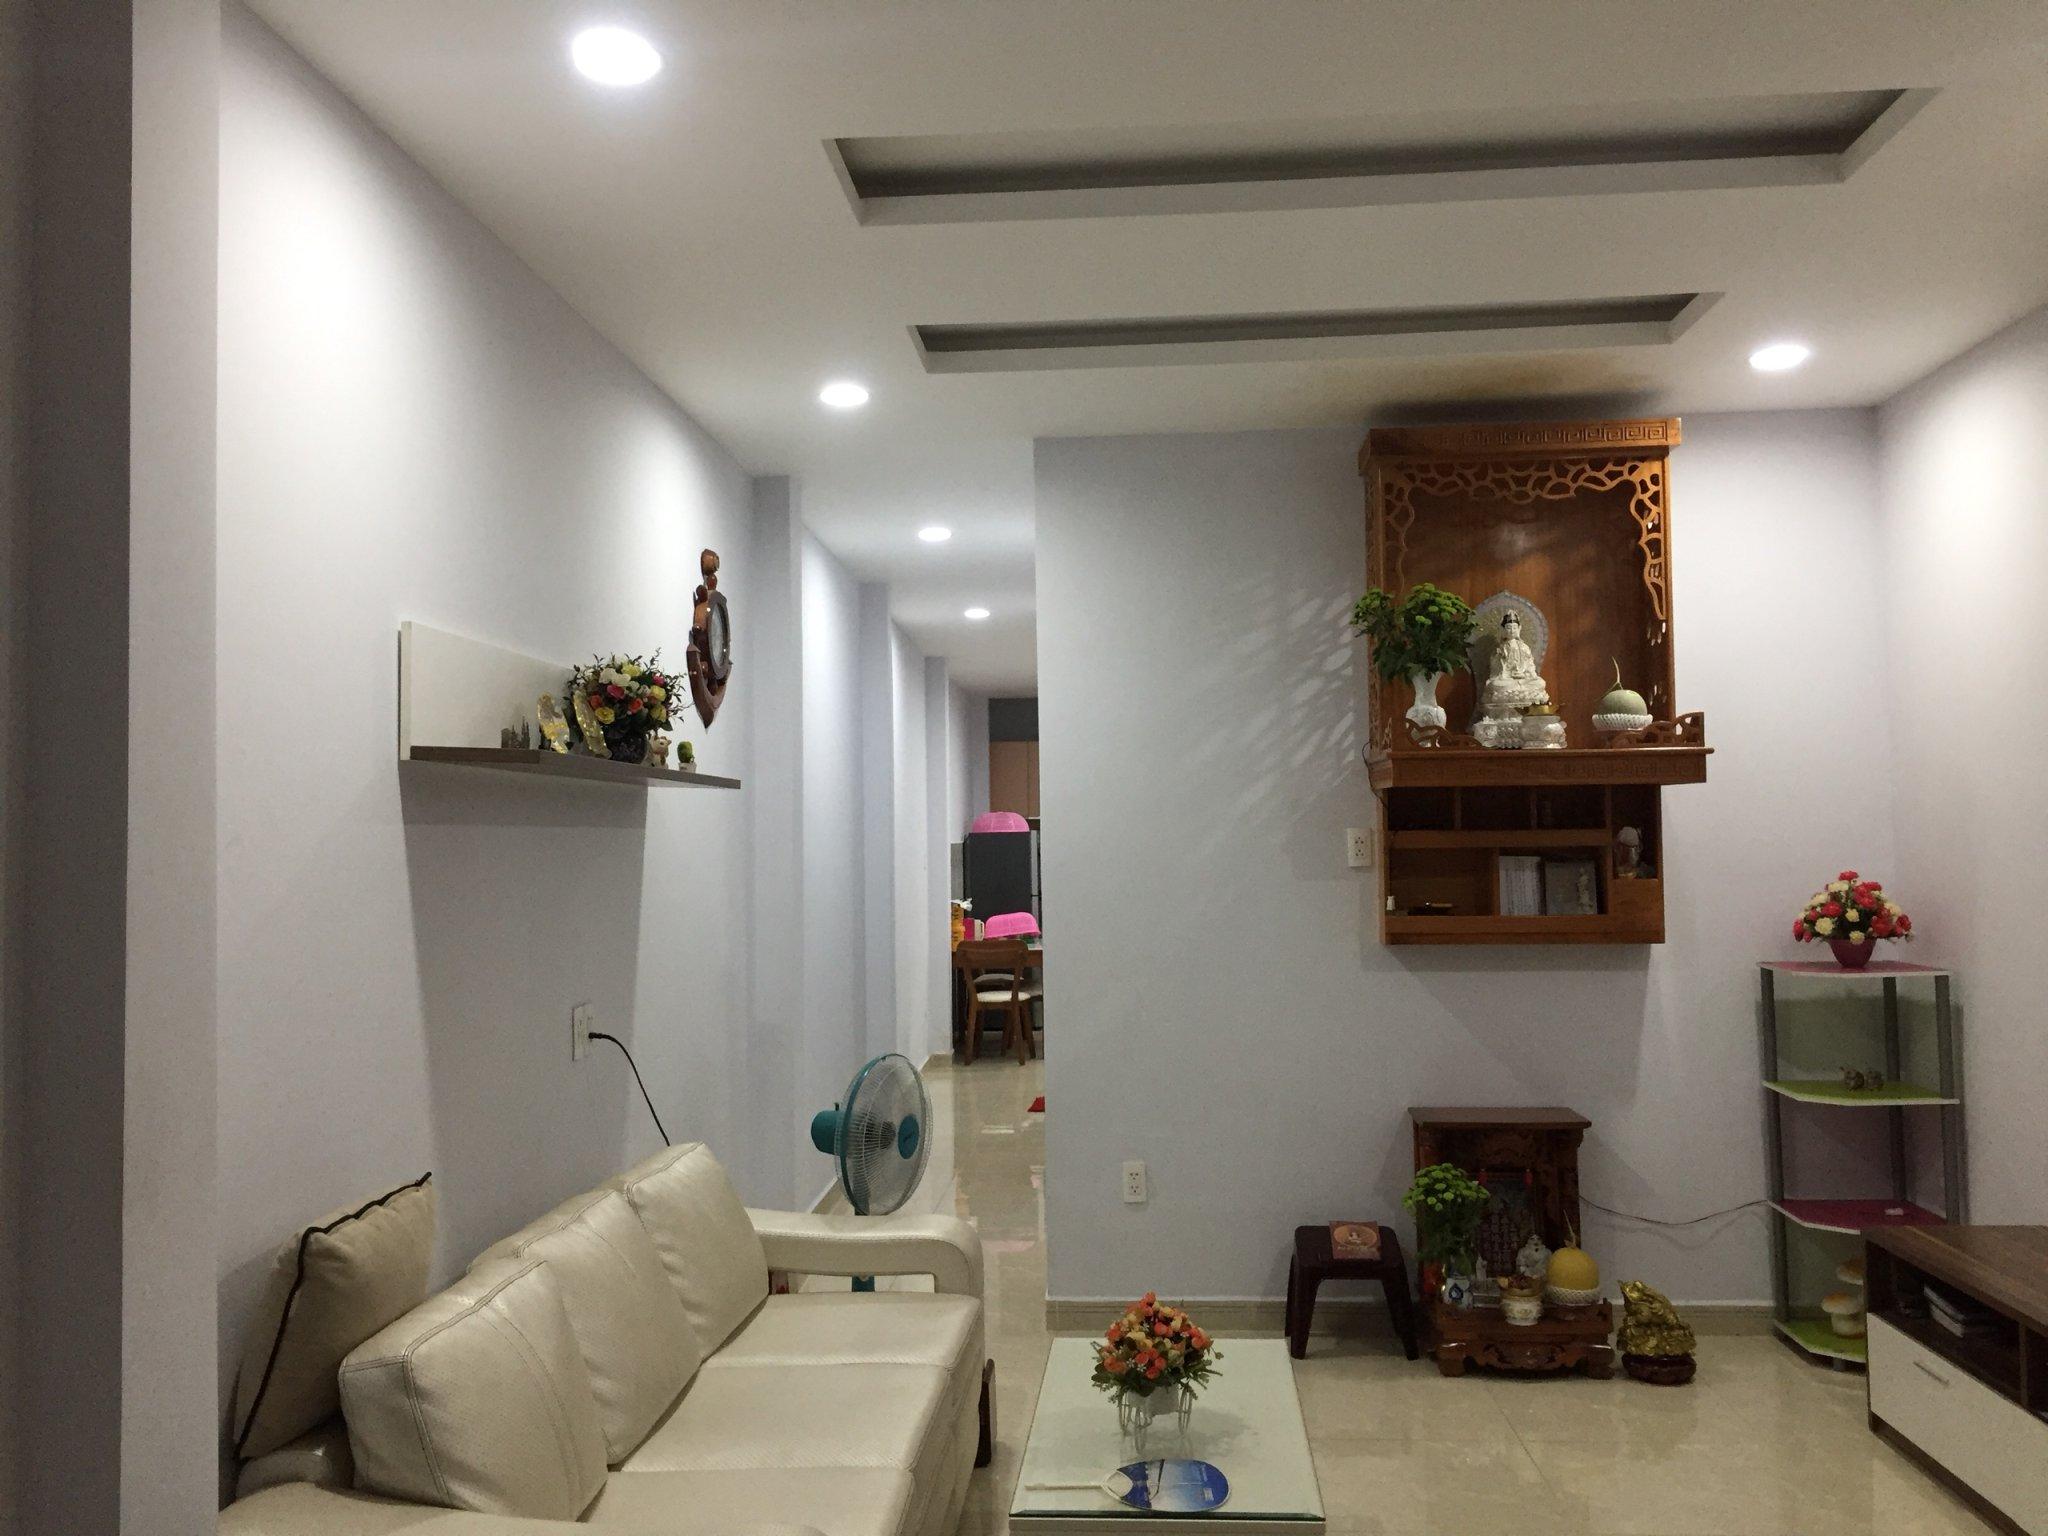 Bán nhà 381 Phan Văn Trị phường 11 Bình Thạnh 3.9x20m 2 lầu 7.9tỷ